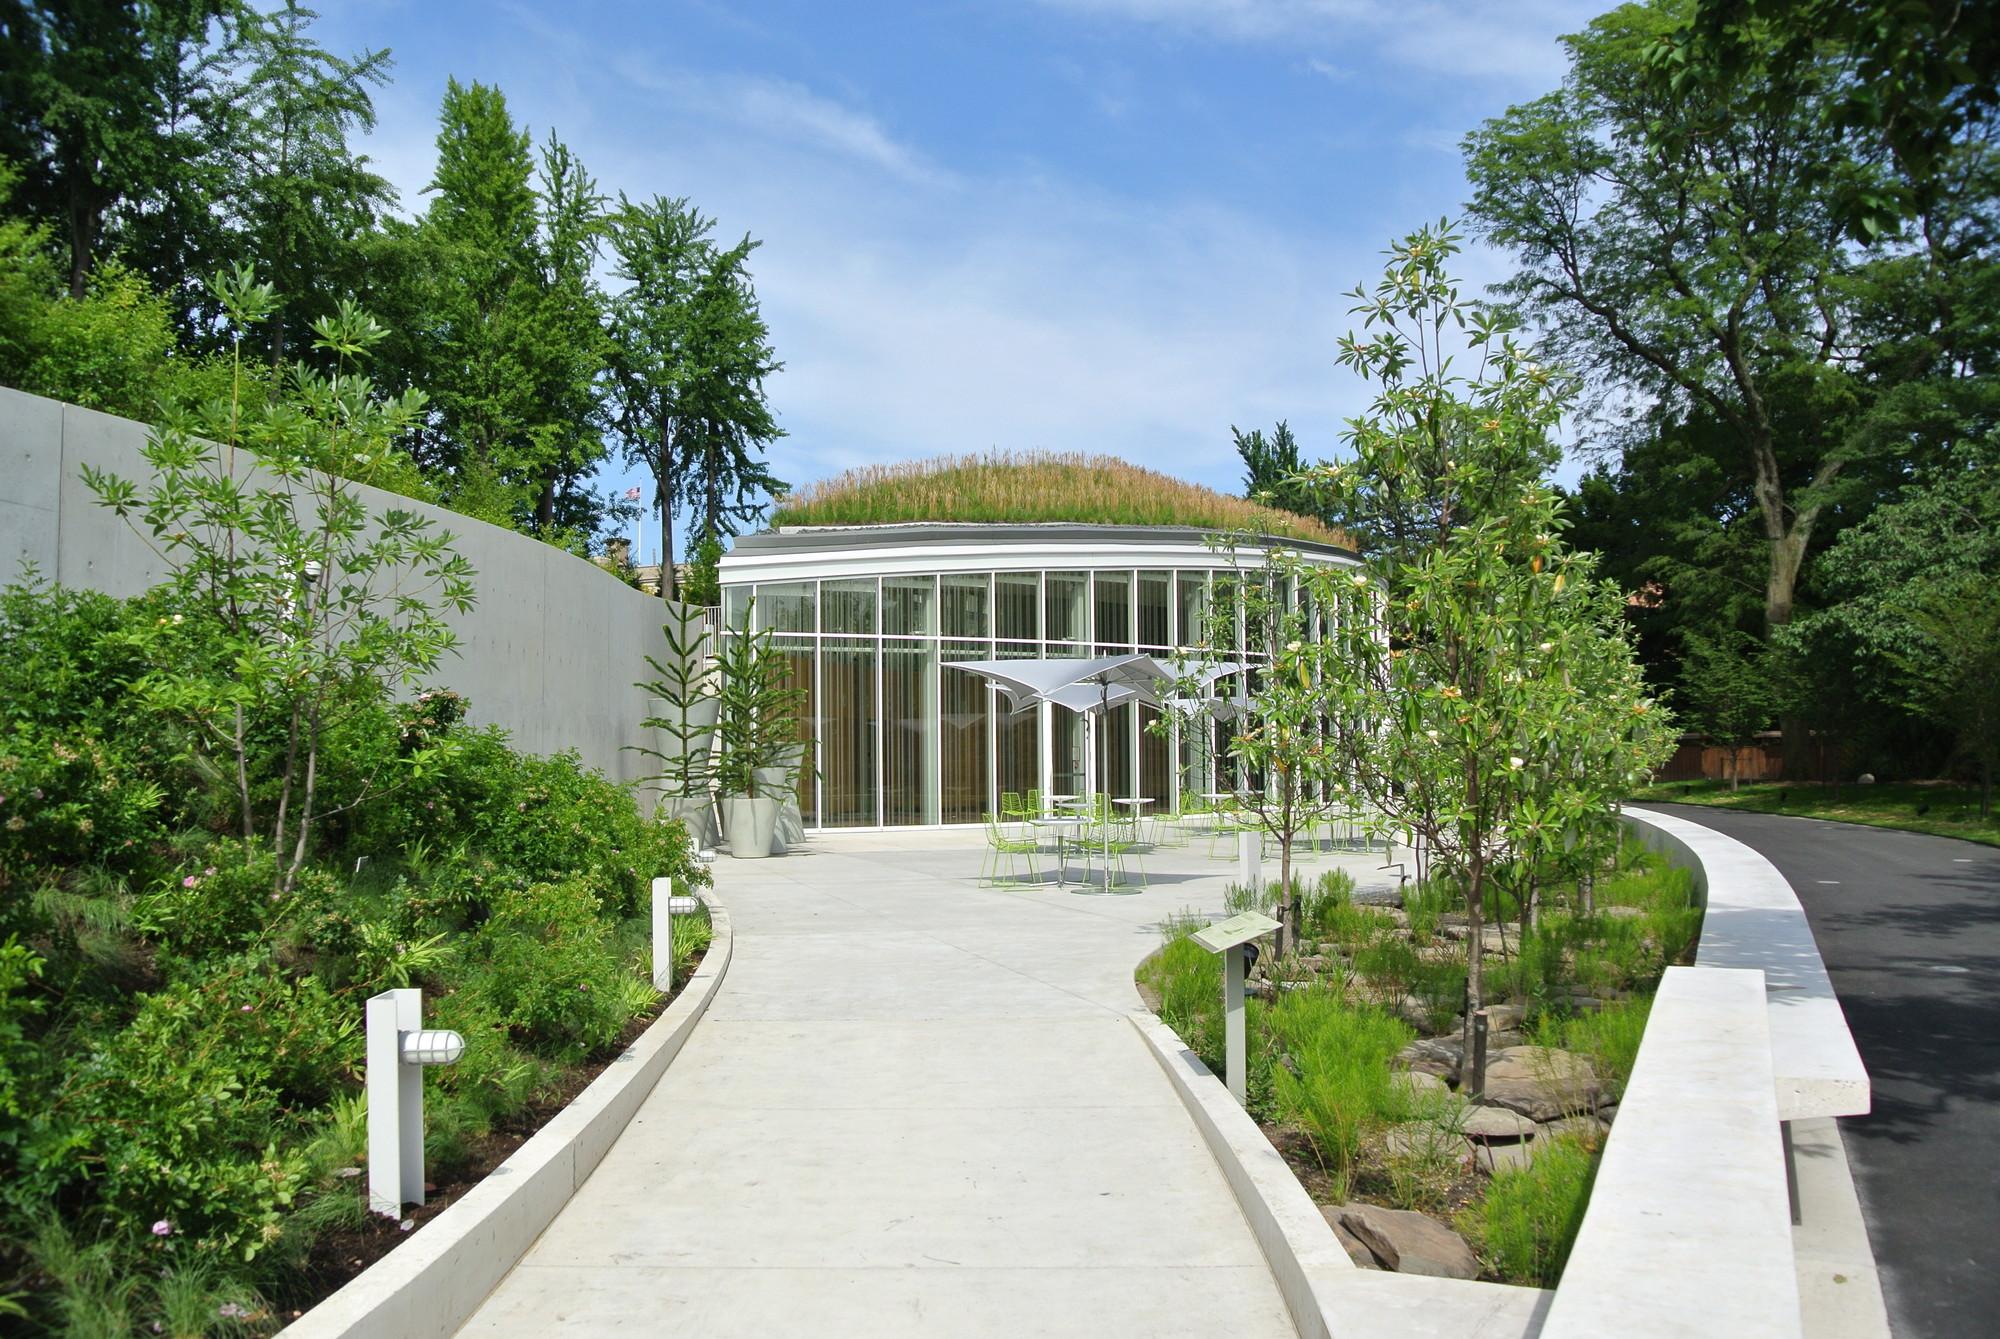 Brooklyn Botanic Garden Visitor Center Weiss Manfredi Architecture Landscape Urbanism